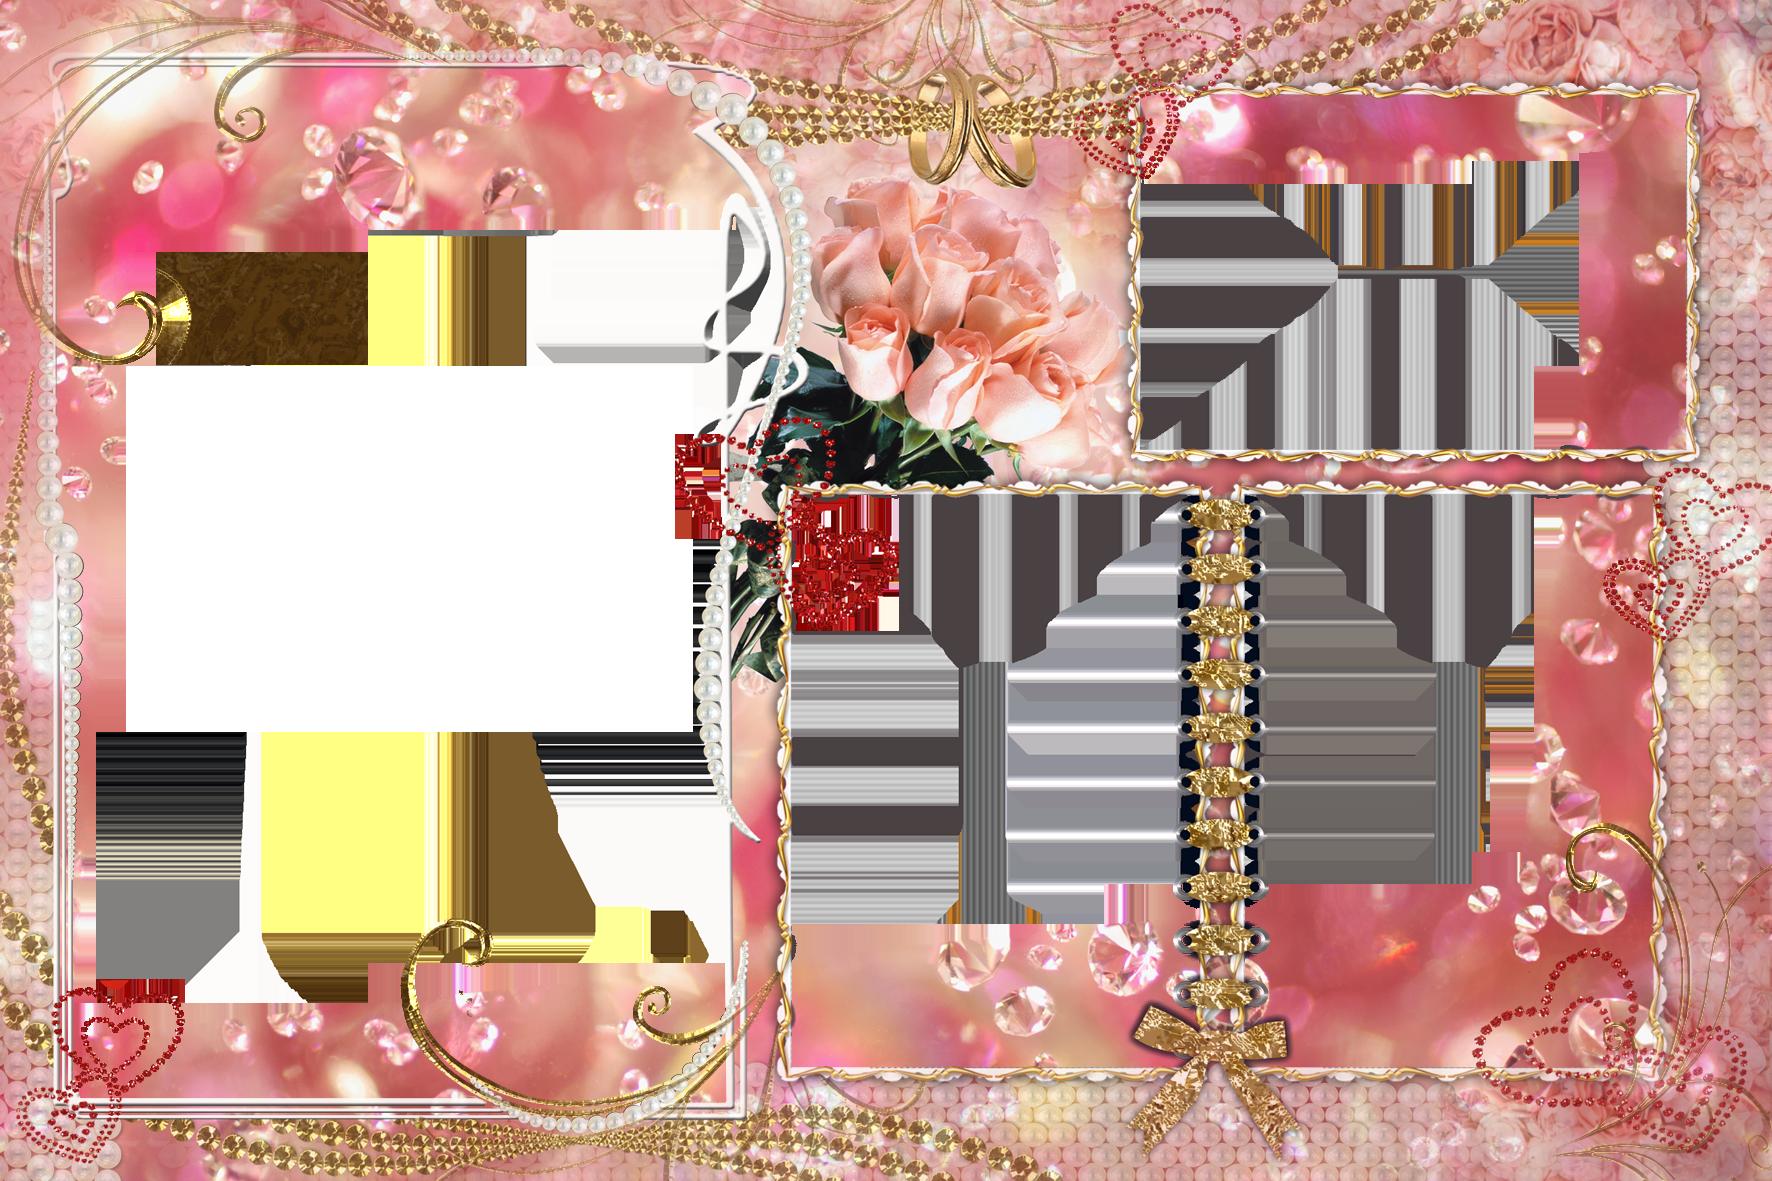 Шаблон двухсторонней открытки с юбилеем для фотошопа